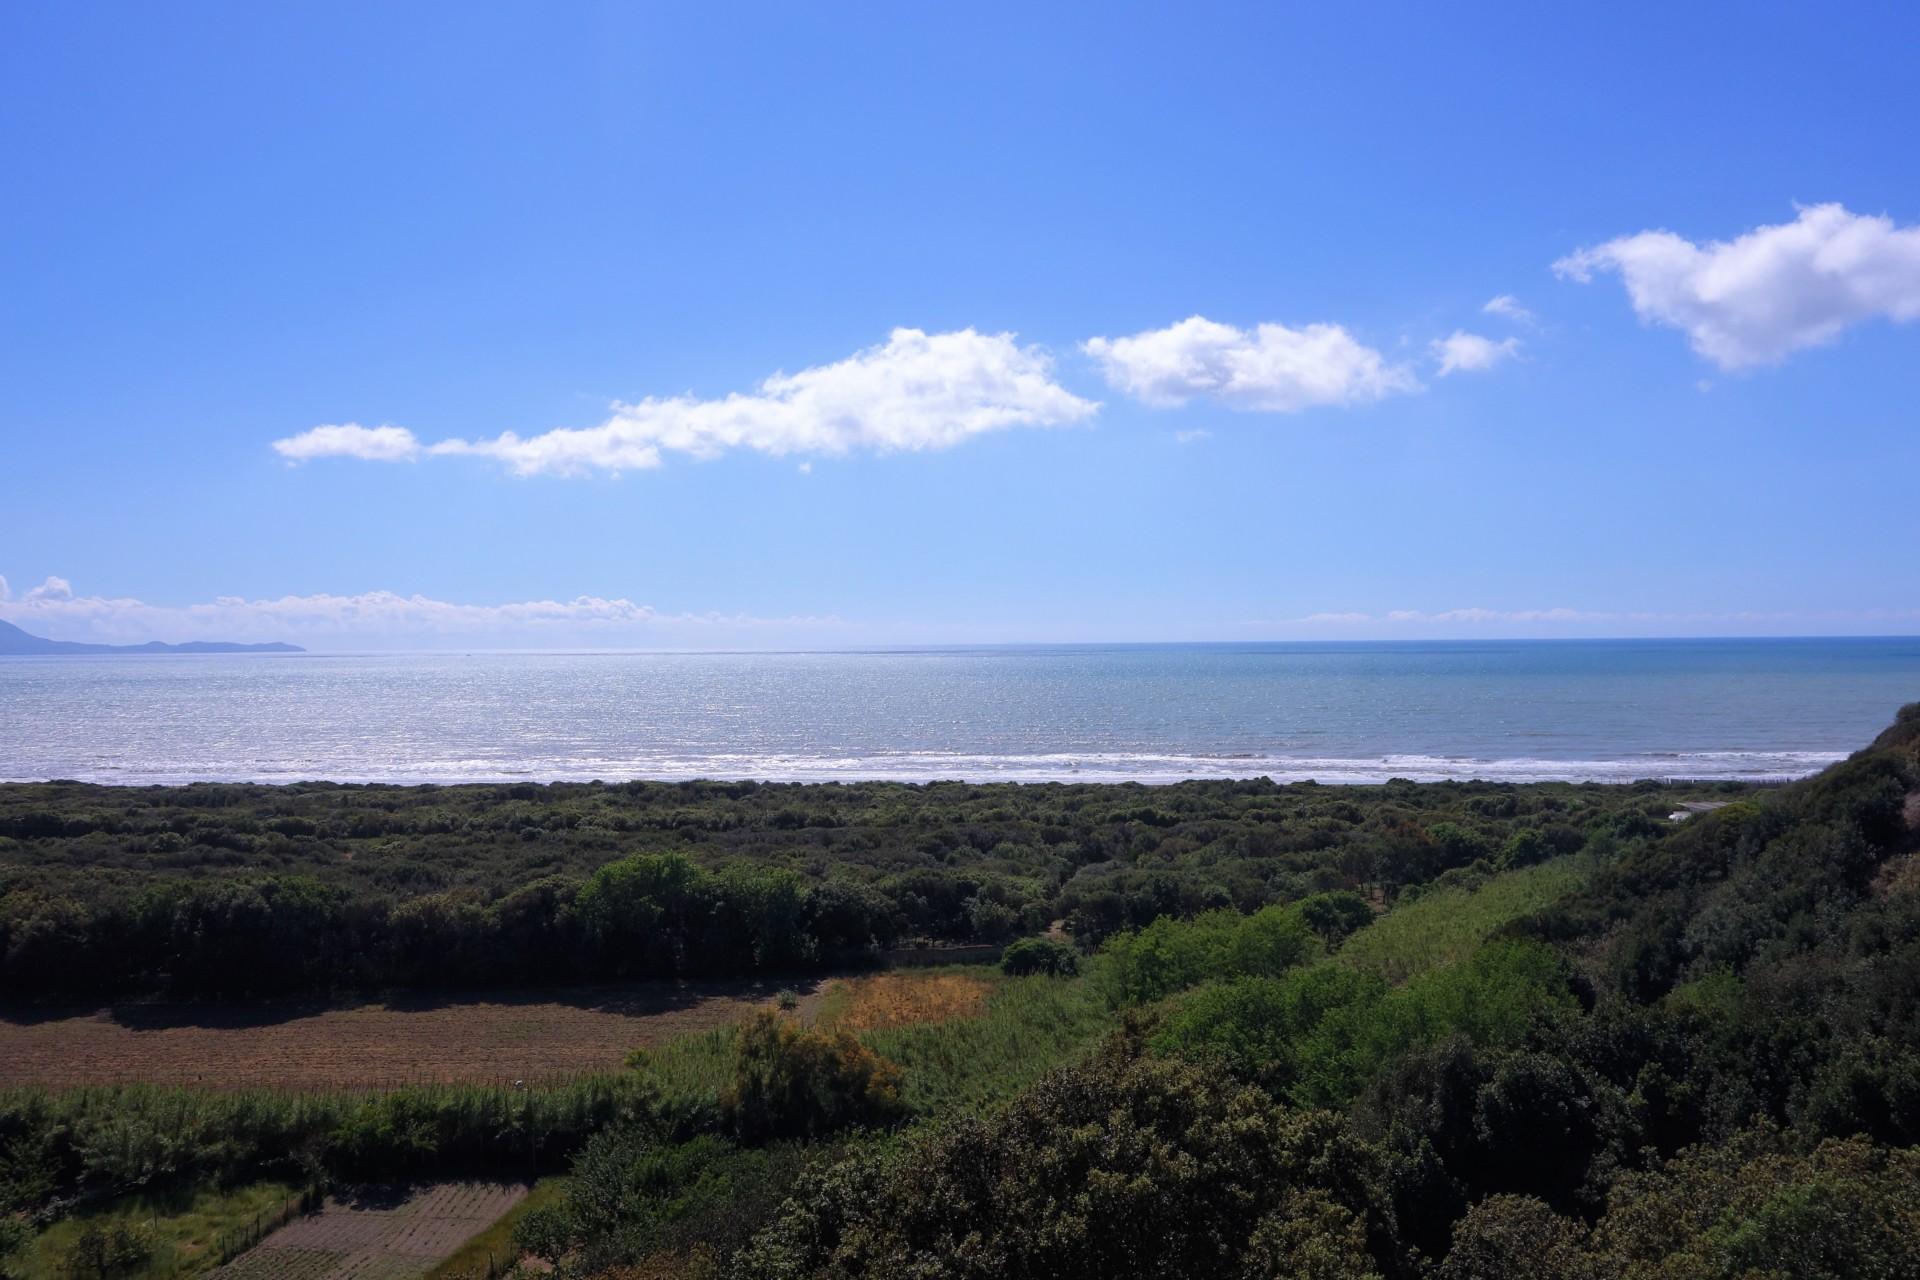 Cumae, der weit gezogene Sandstrand, davor jeder Quadratmeter sorgfältig angebaut, dahinter das Meer